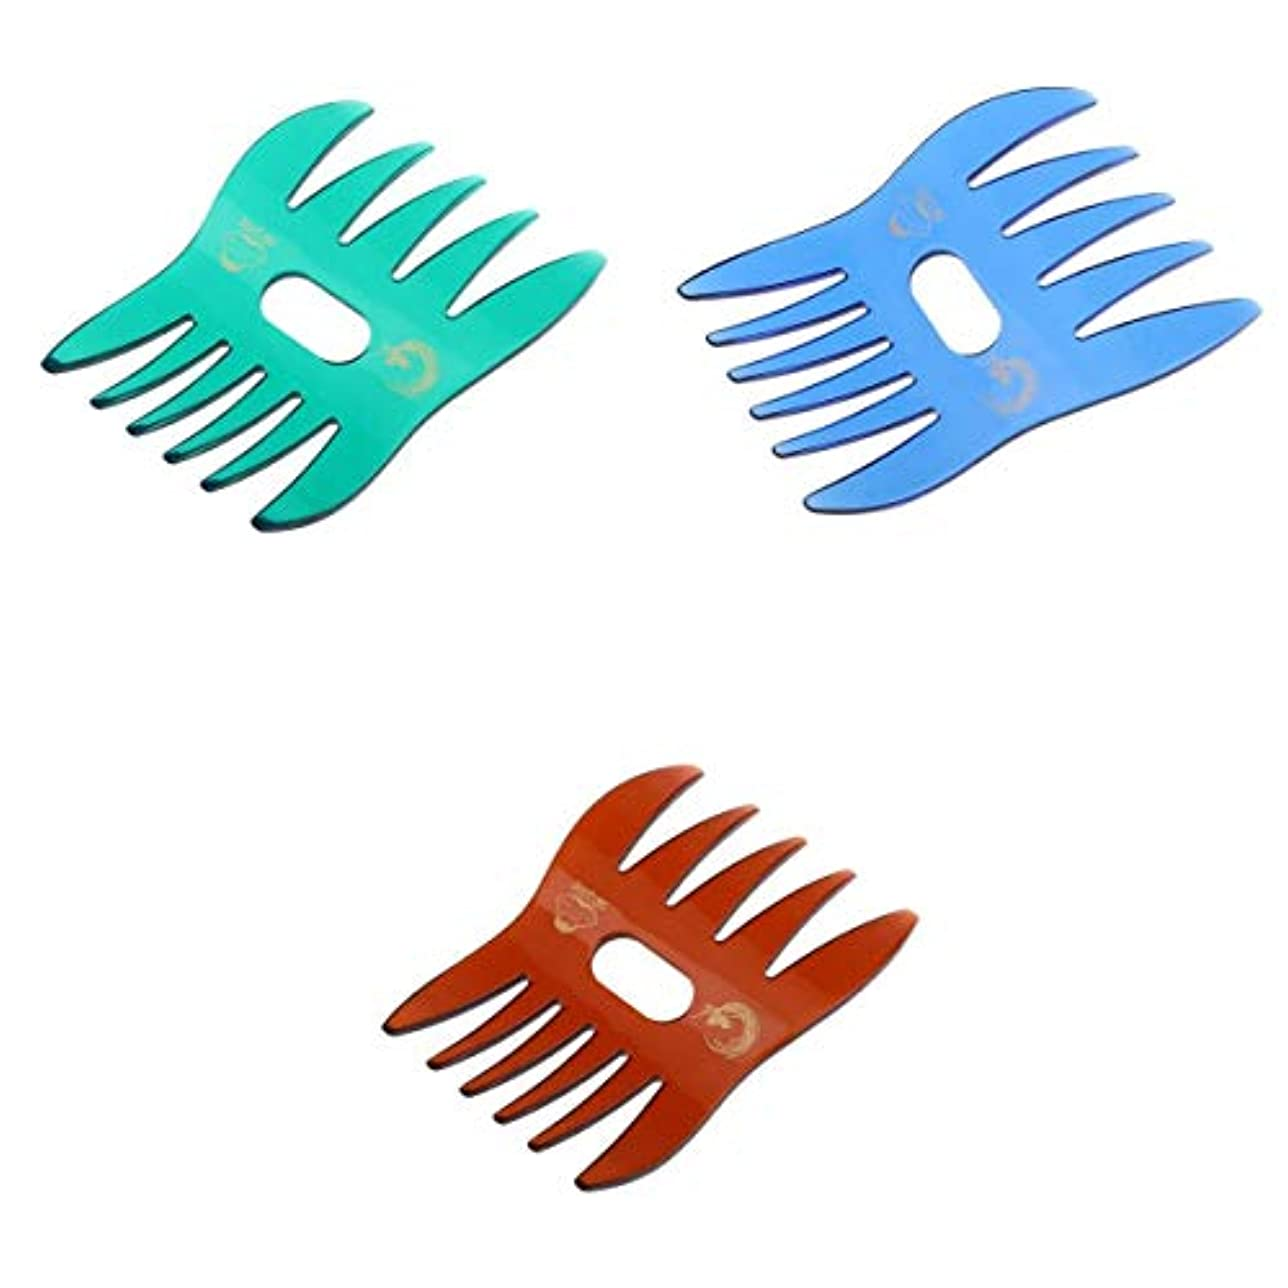 サリーモード周術期櫛 ヘアコーム コーム ヘア櫛 静電気防止 粗歯 頭皮マッサージ オイルヘアスタイル